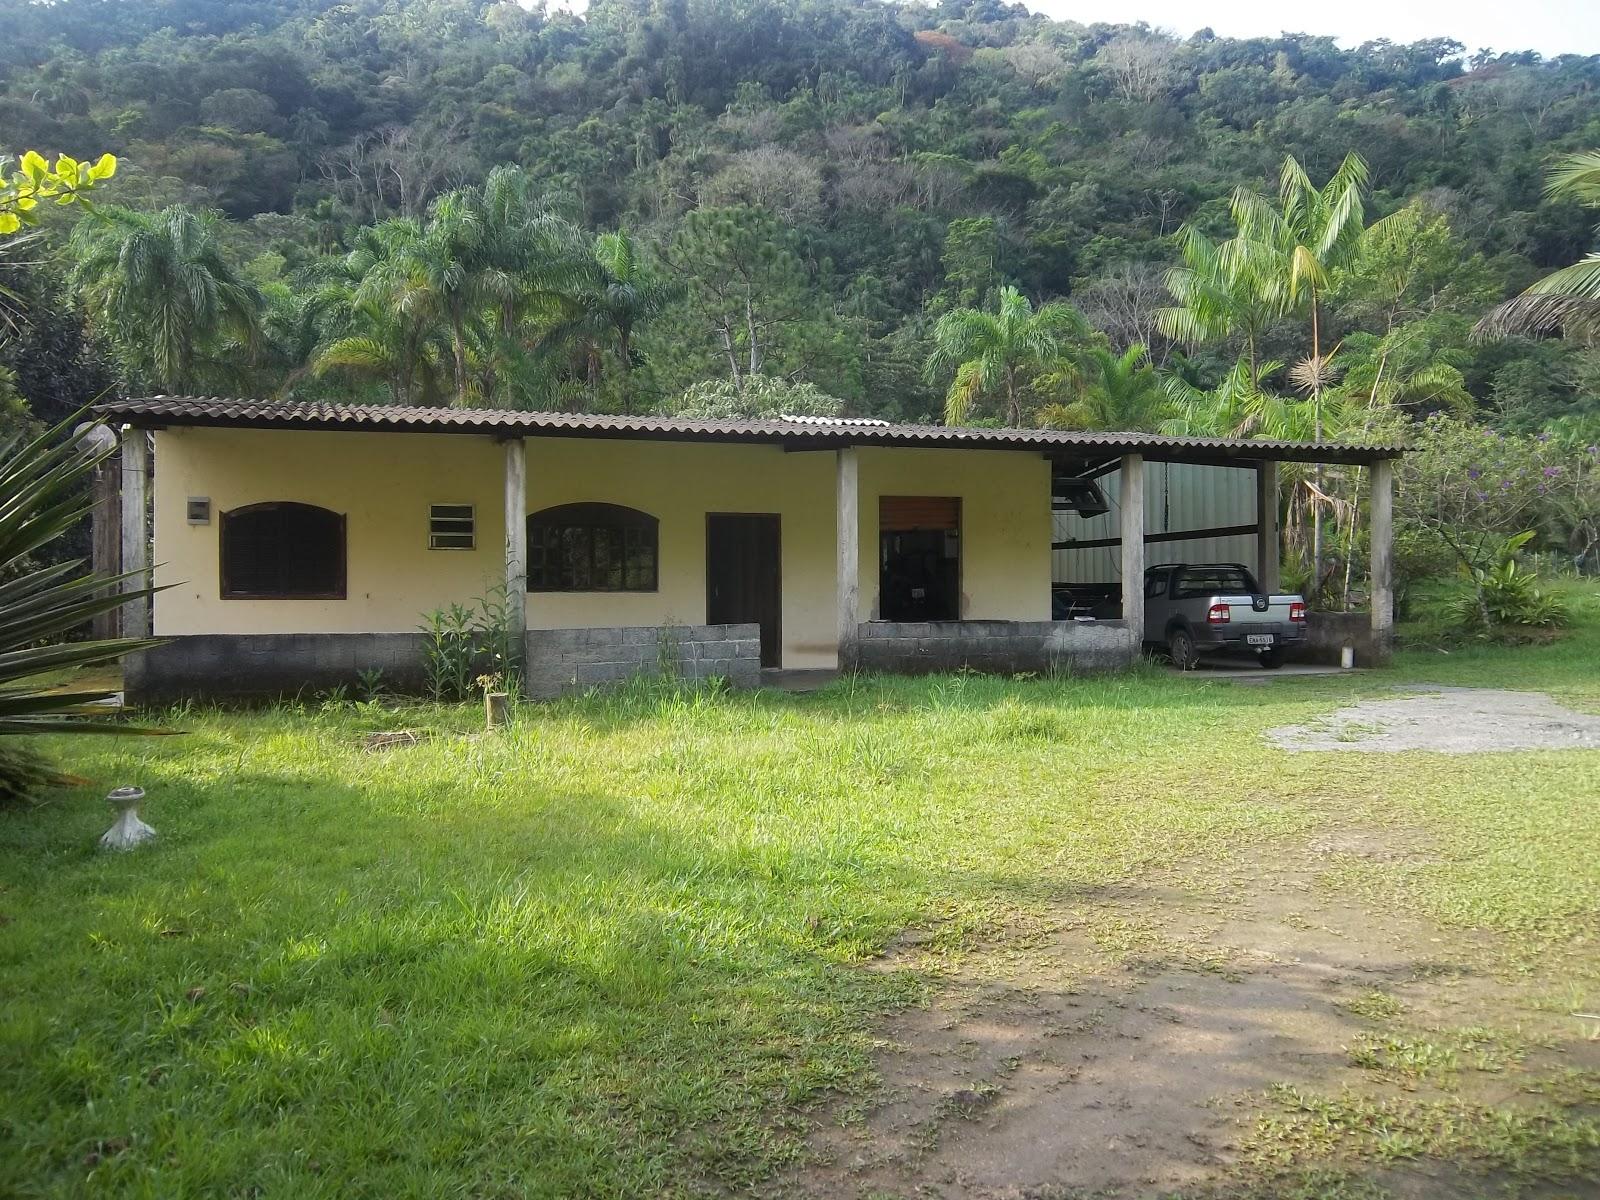 Terrenos ch caras sitios e casas no caruara e caiubura for Paginas para construir casas